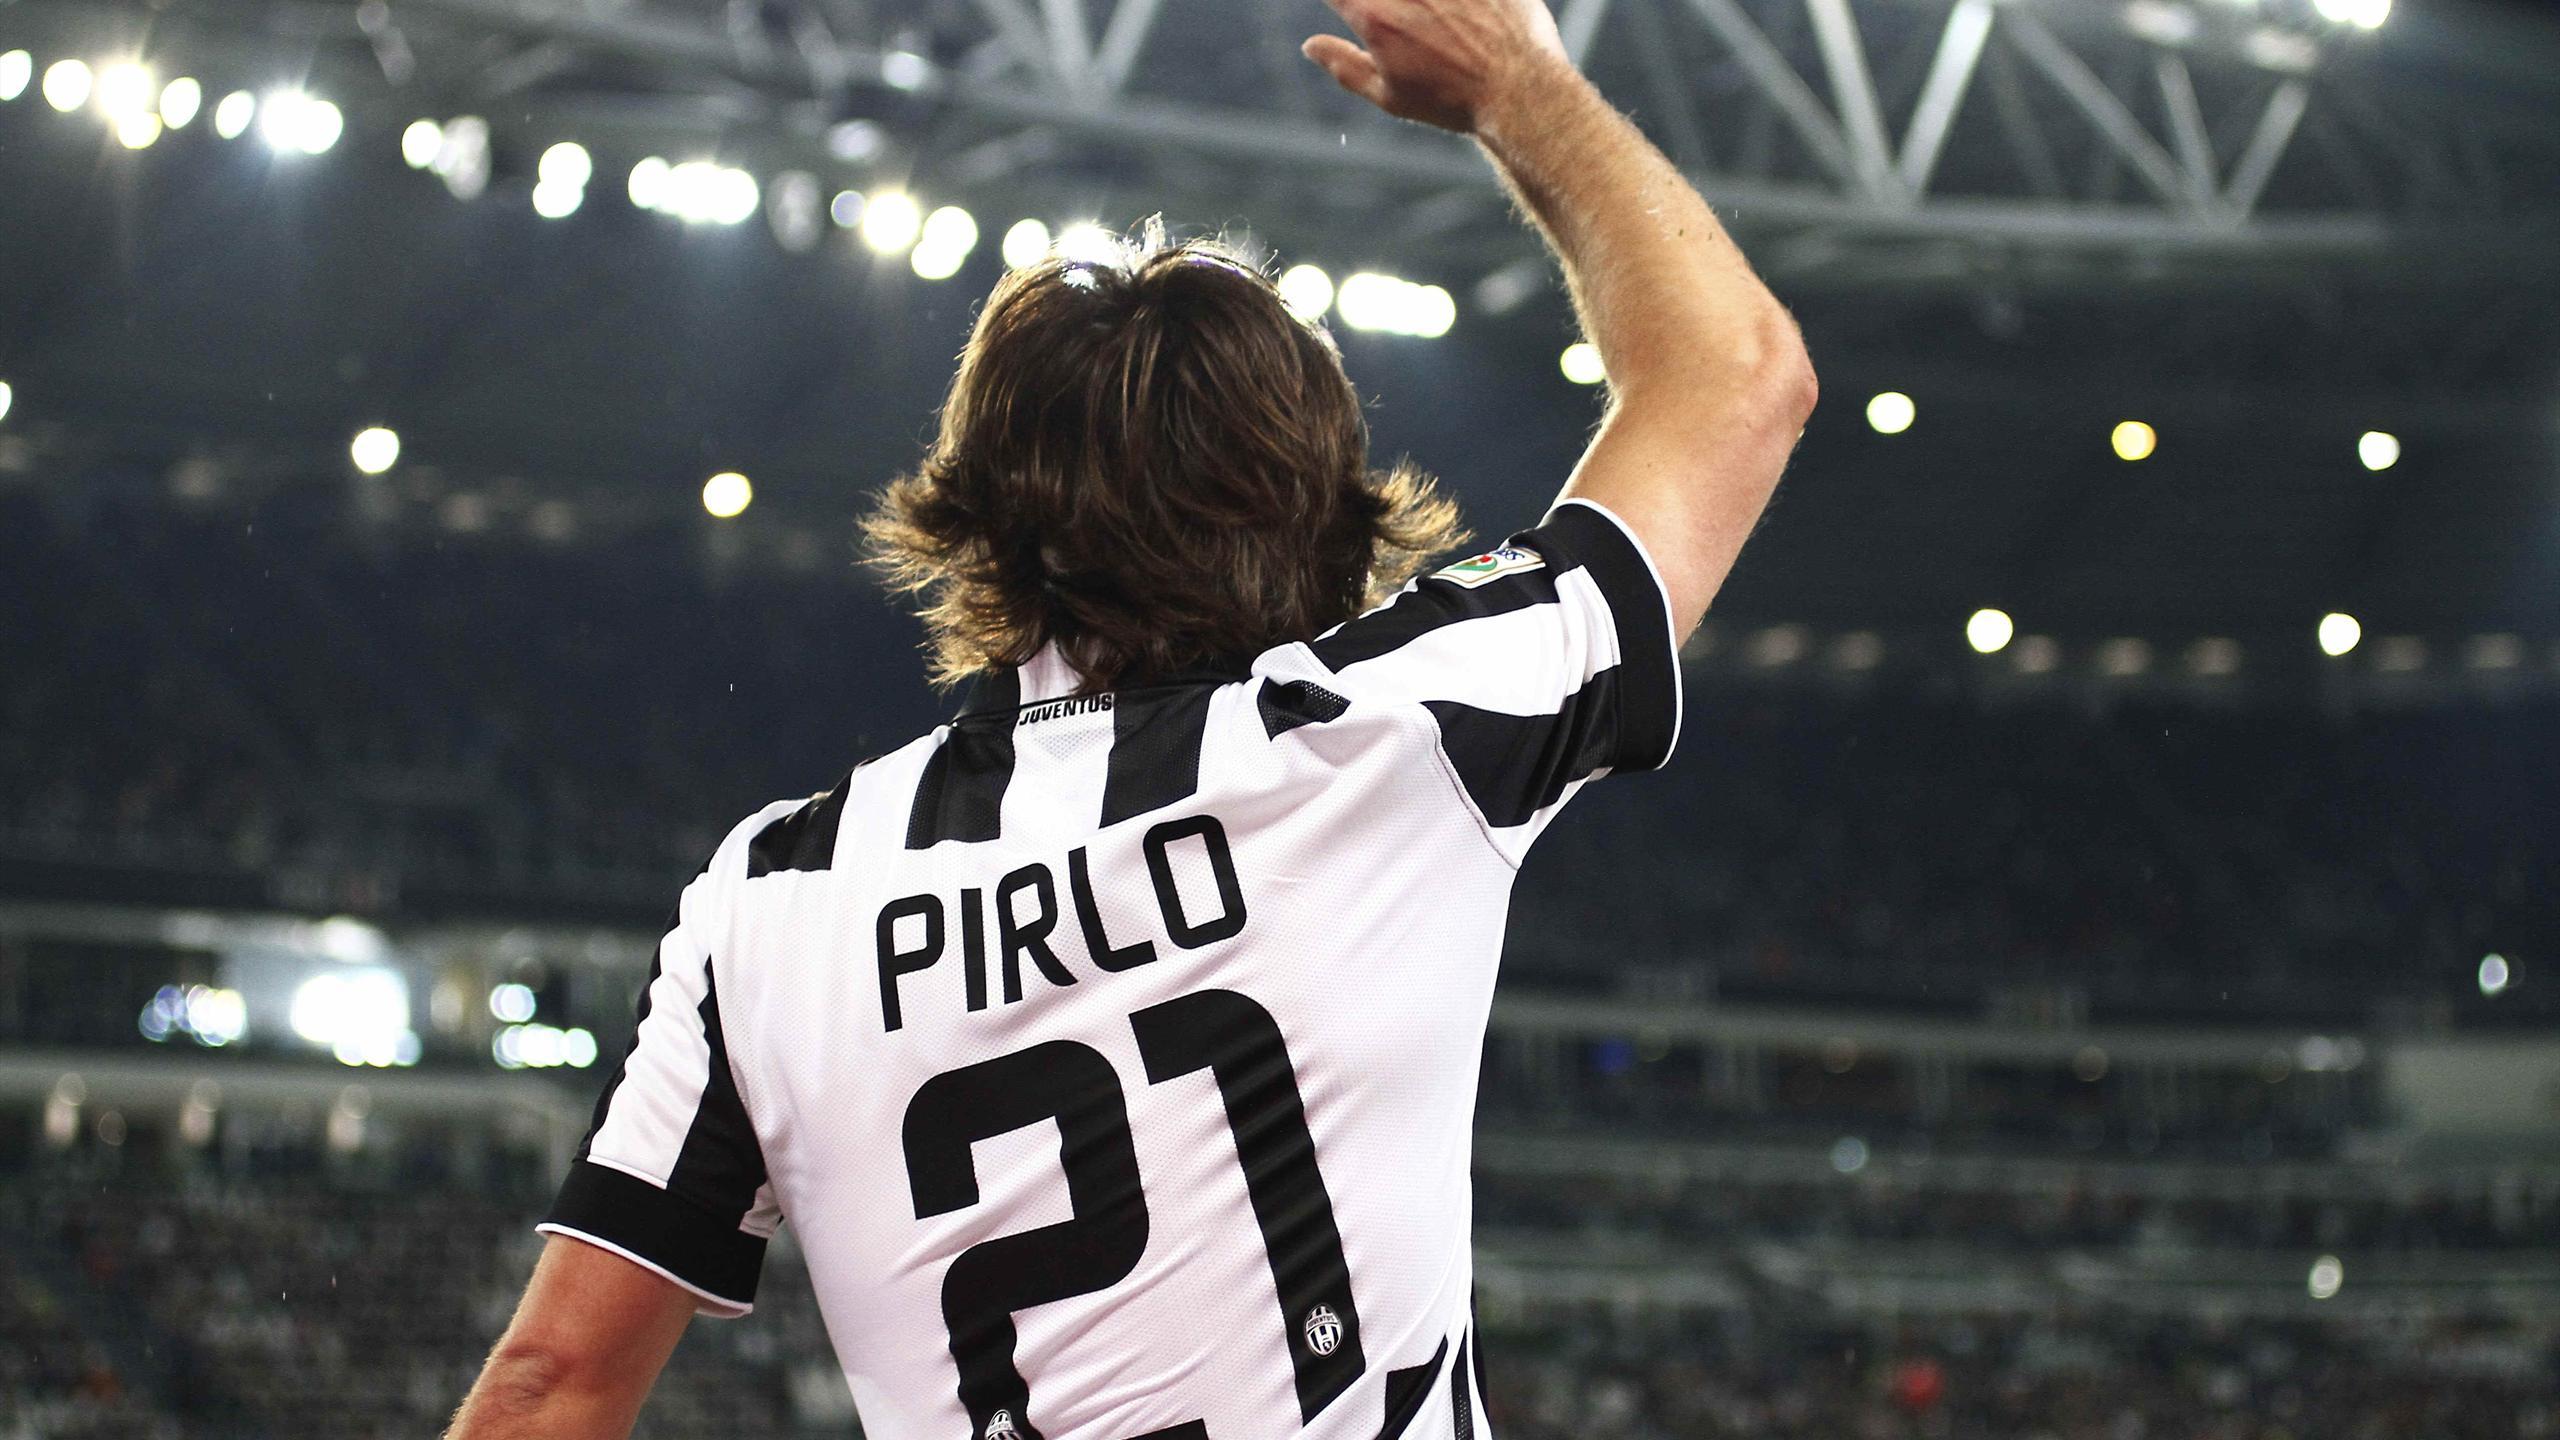 Andrea Pirlo Juventus 2015 LaPresse